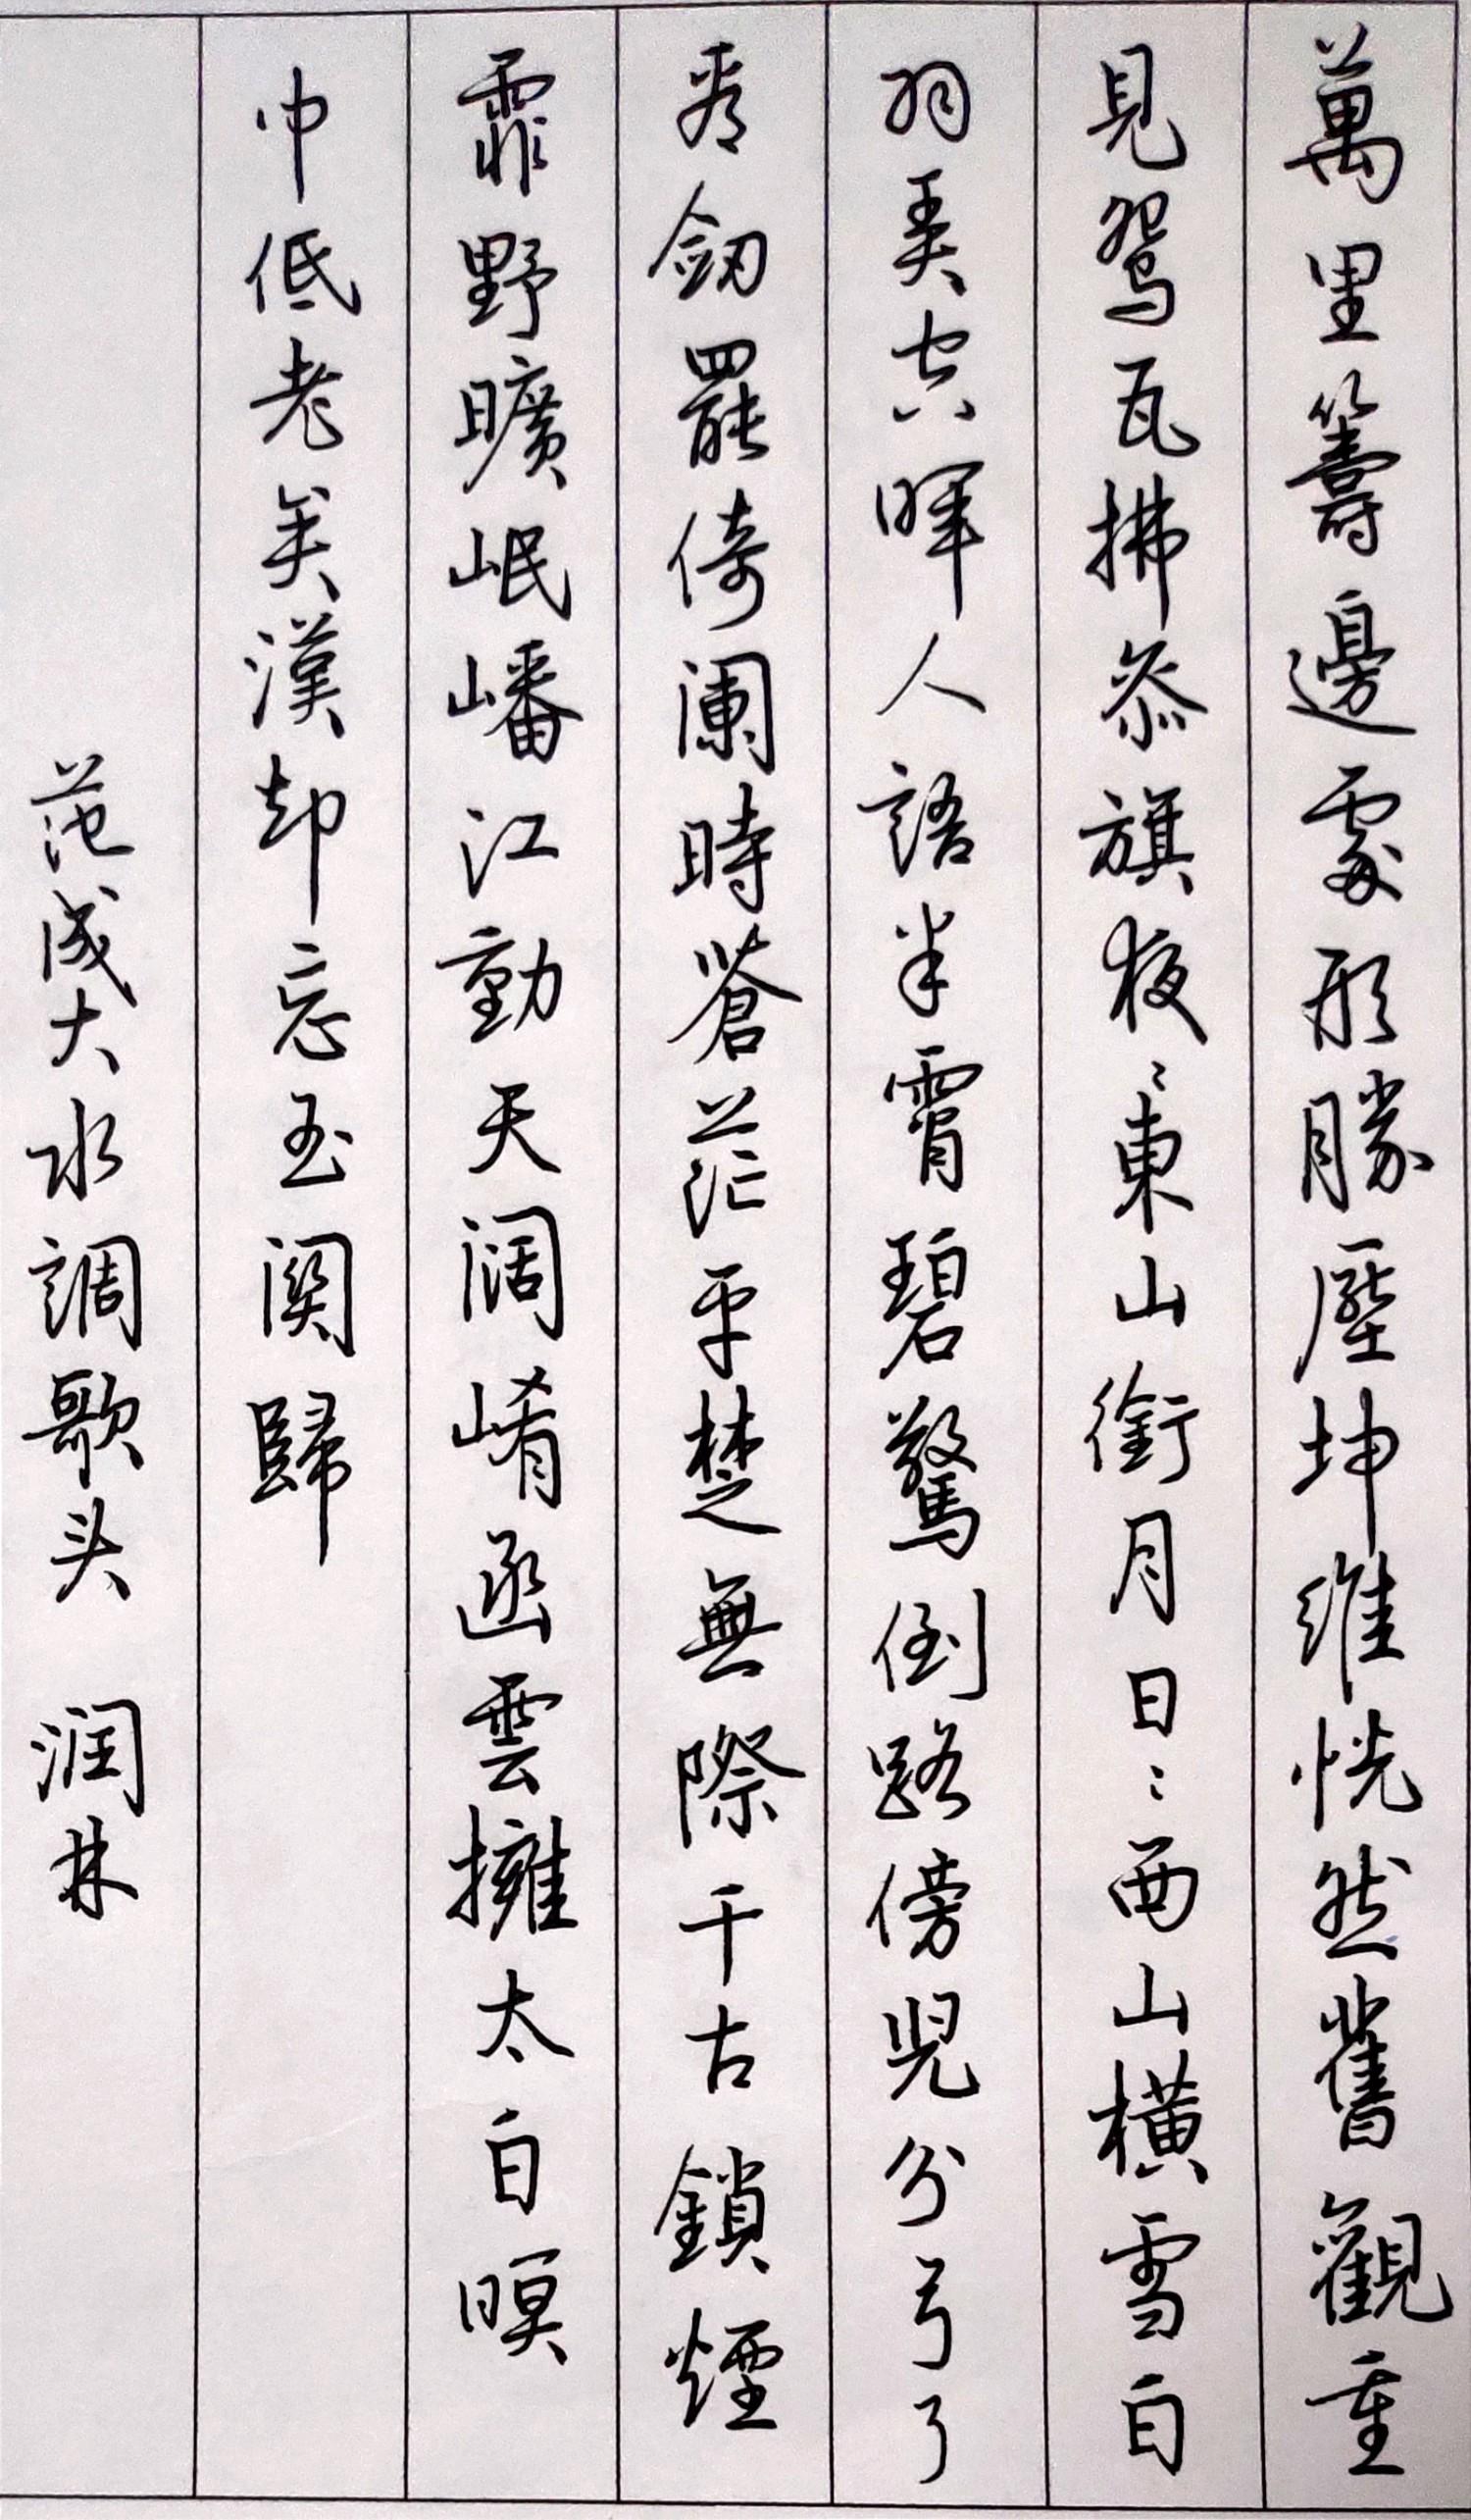 钢笔爱好者练字打卡20210413-04